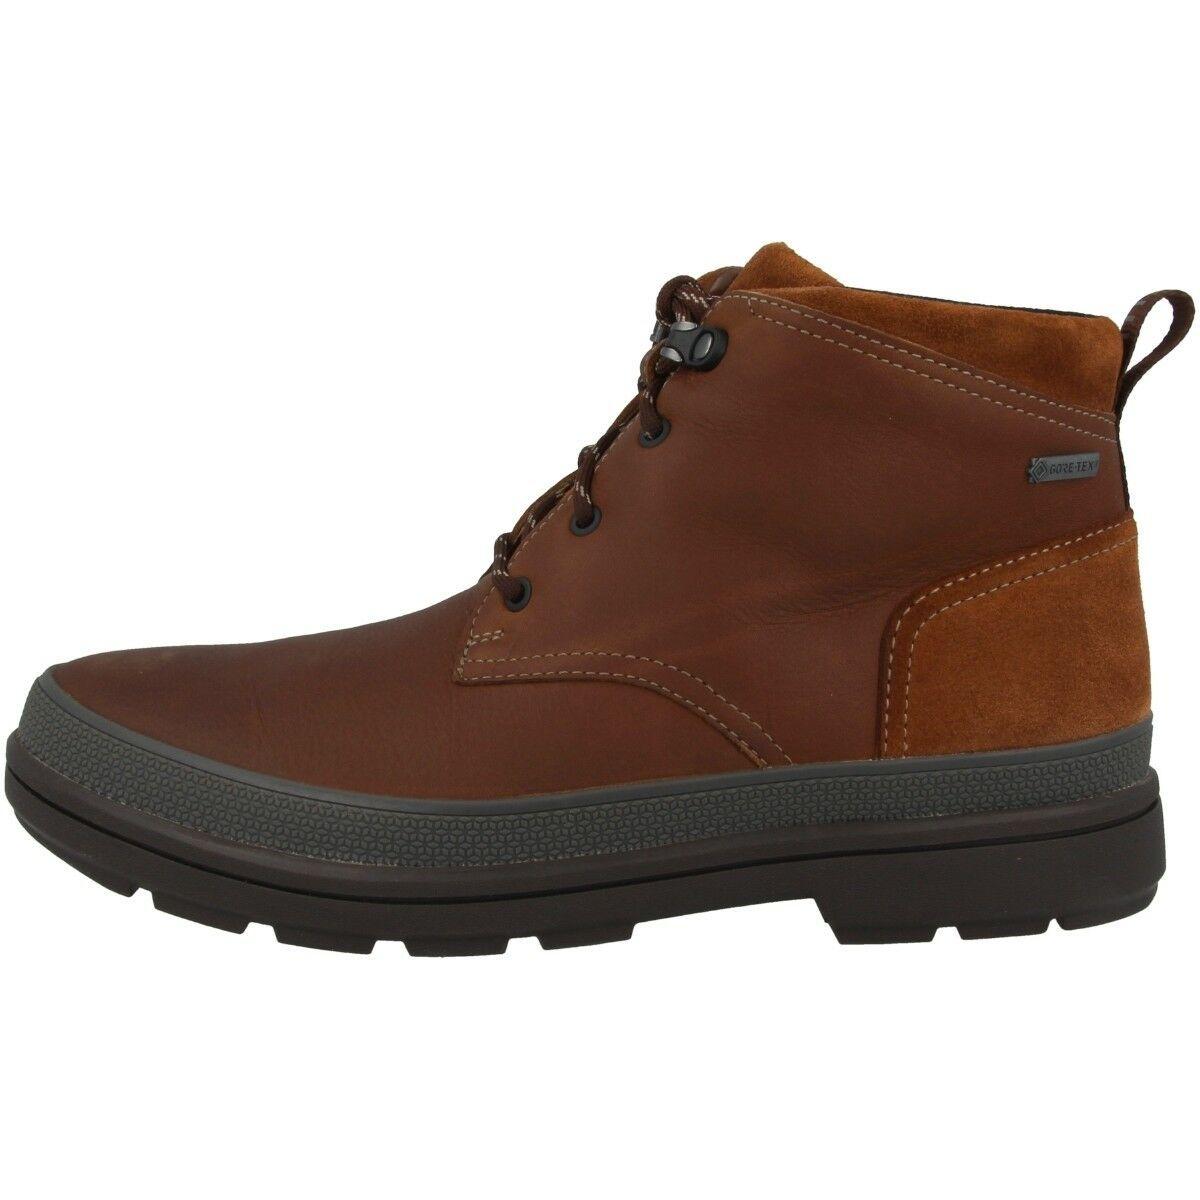 Identidad a pesar de Casa  Clarks Rushway Mid GTX Zapatos Hombre Gore-Tex Botas British Tostado  26135554 · $117.04 | Zapatos hombre, Clarks, Zapatos